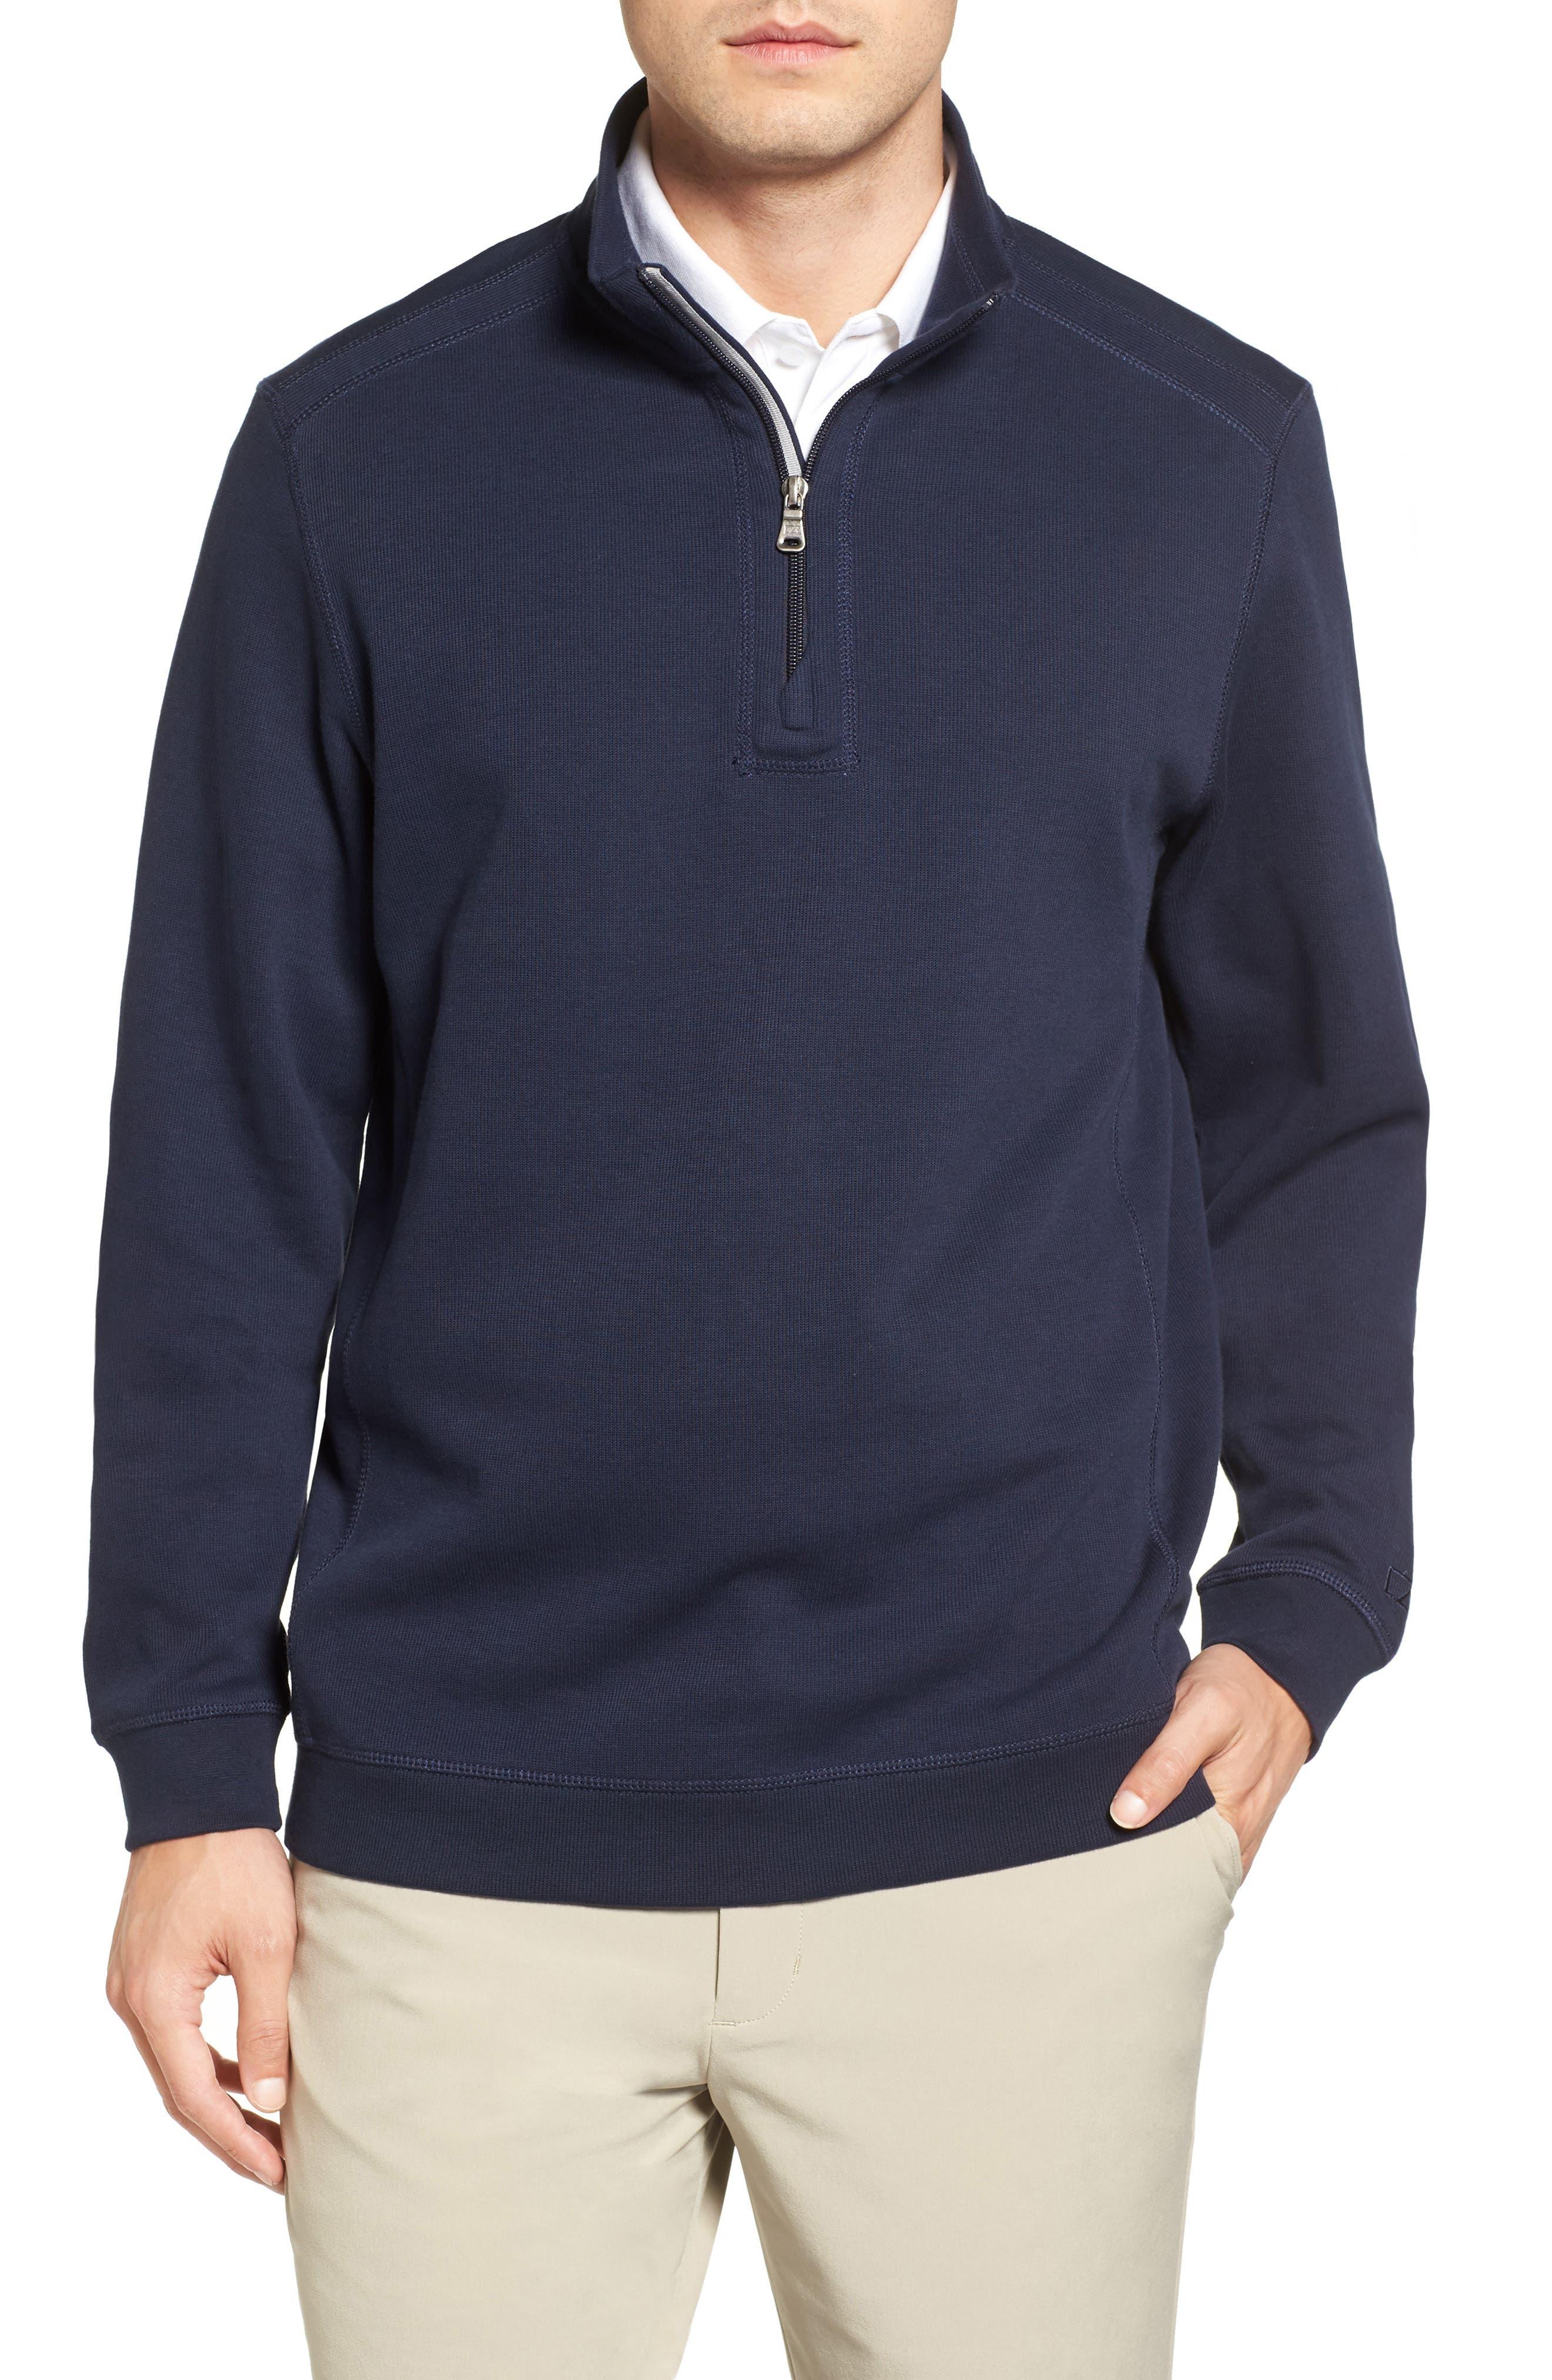 Main Image - Cutter & Buck Bayview Quarter Zip Pullover